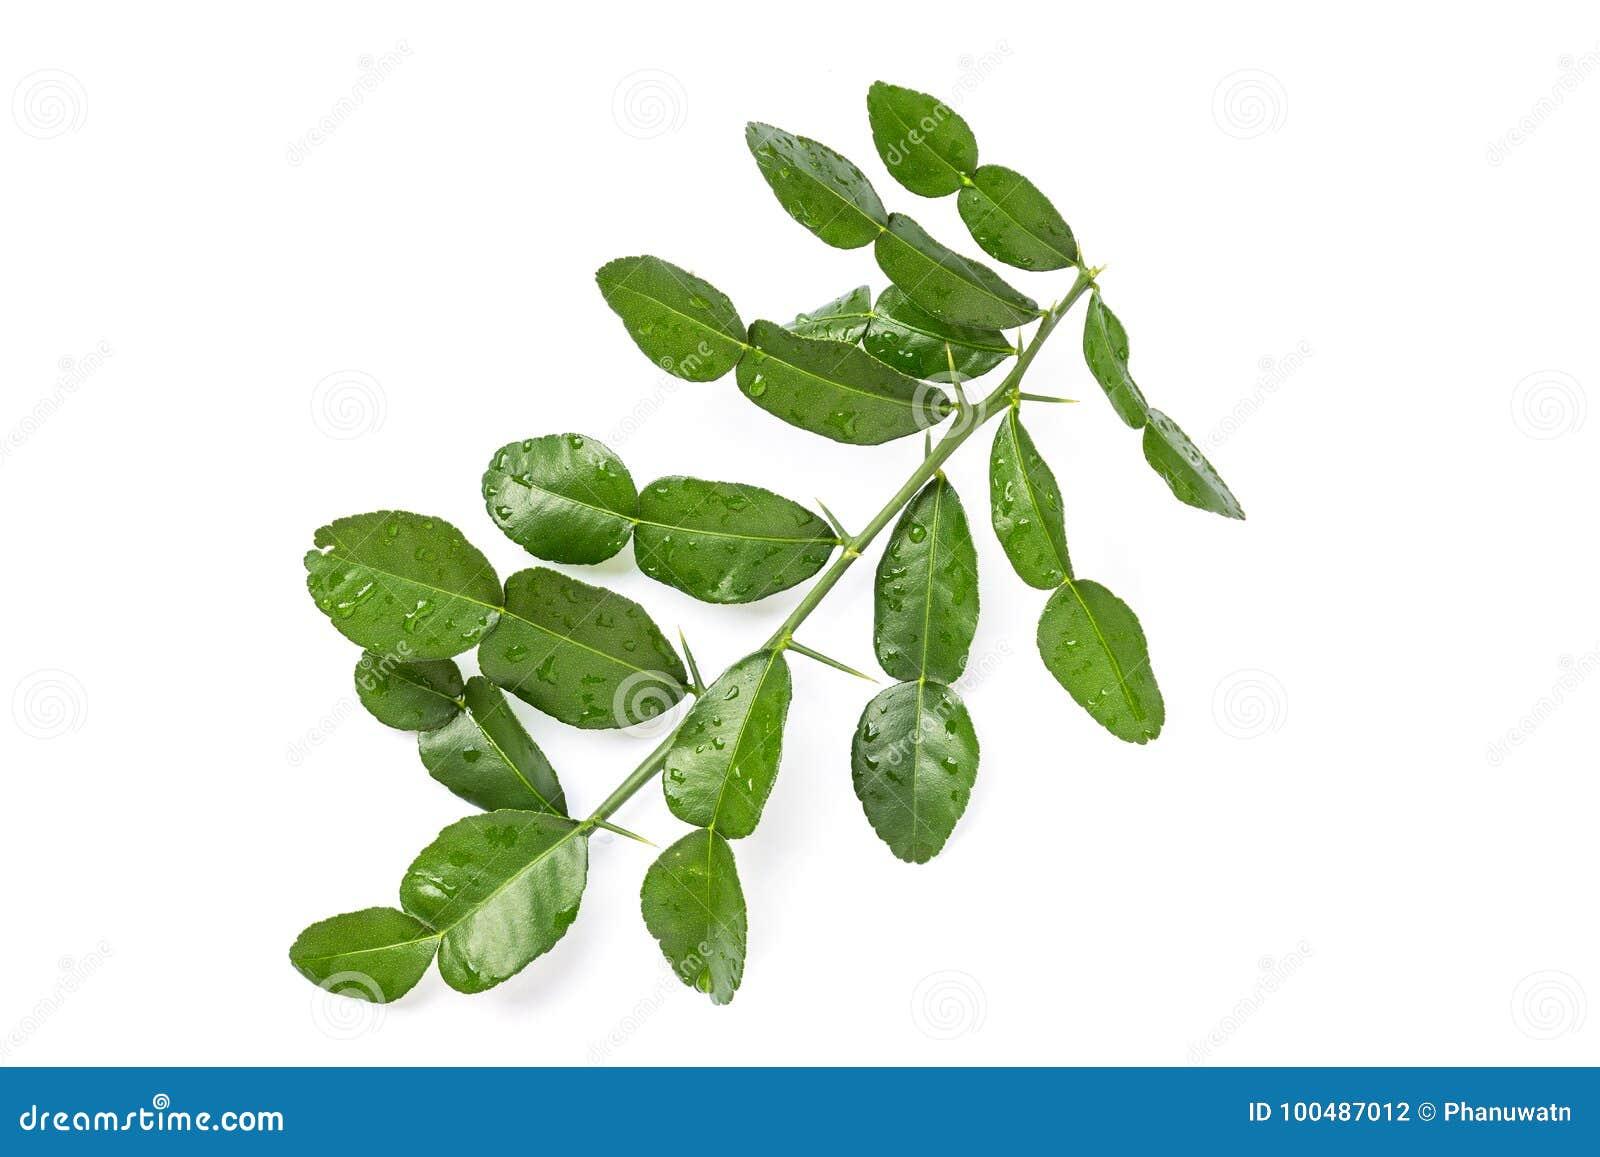 Leaves of Bergamot tree or kaffir lime leaves isolated on white